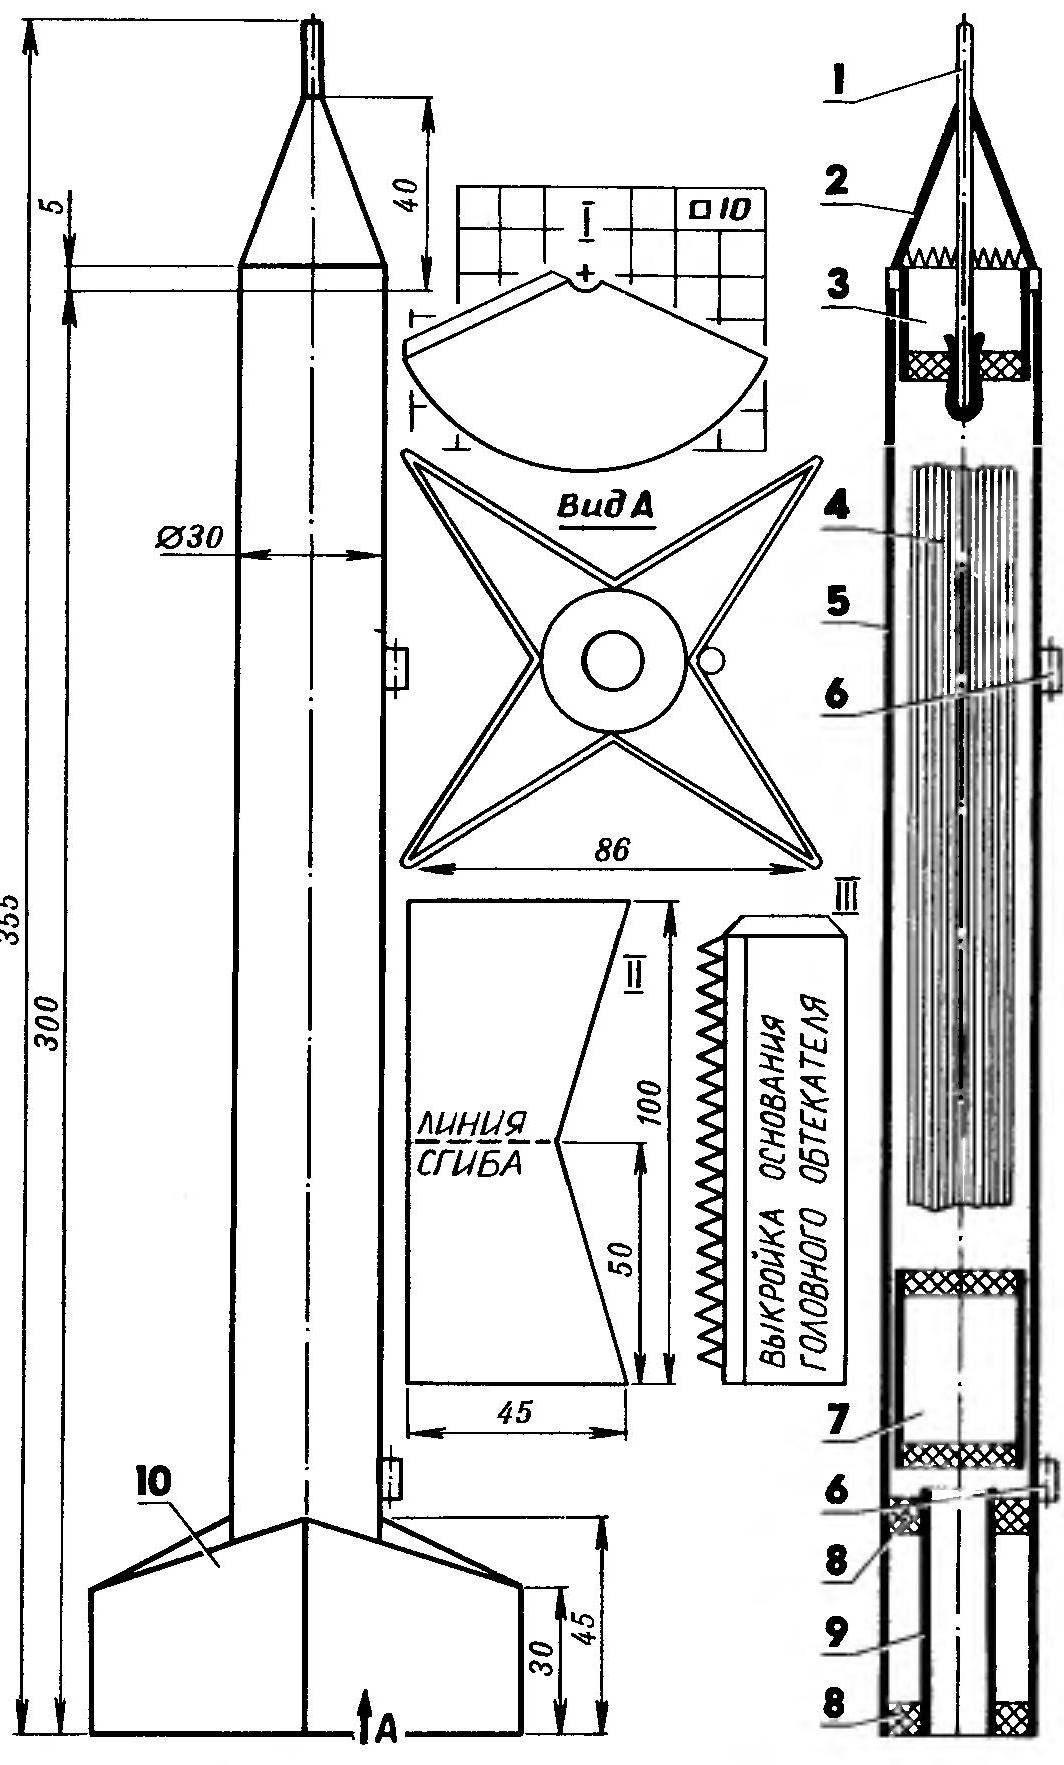 Рис. 2. Тренировочная модель ракеты